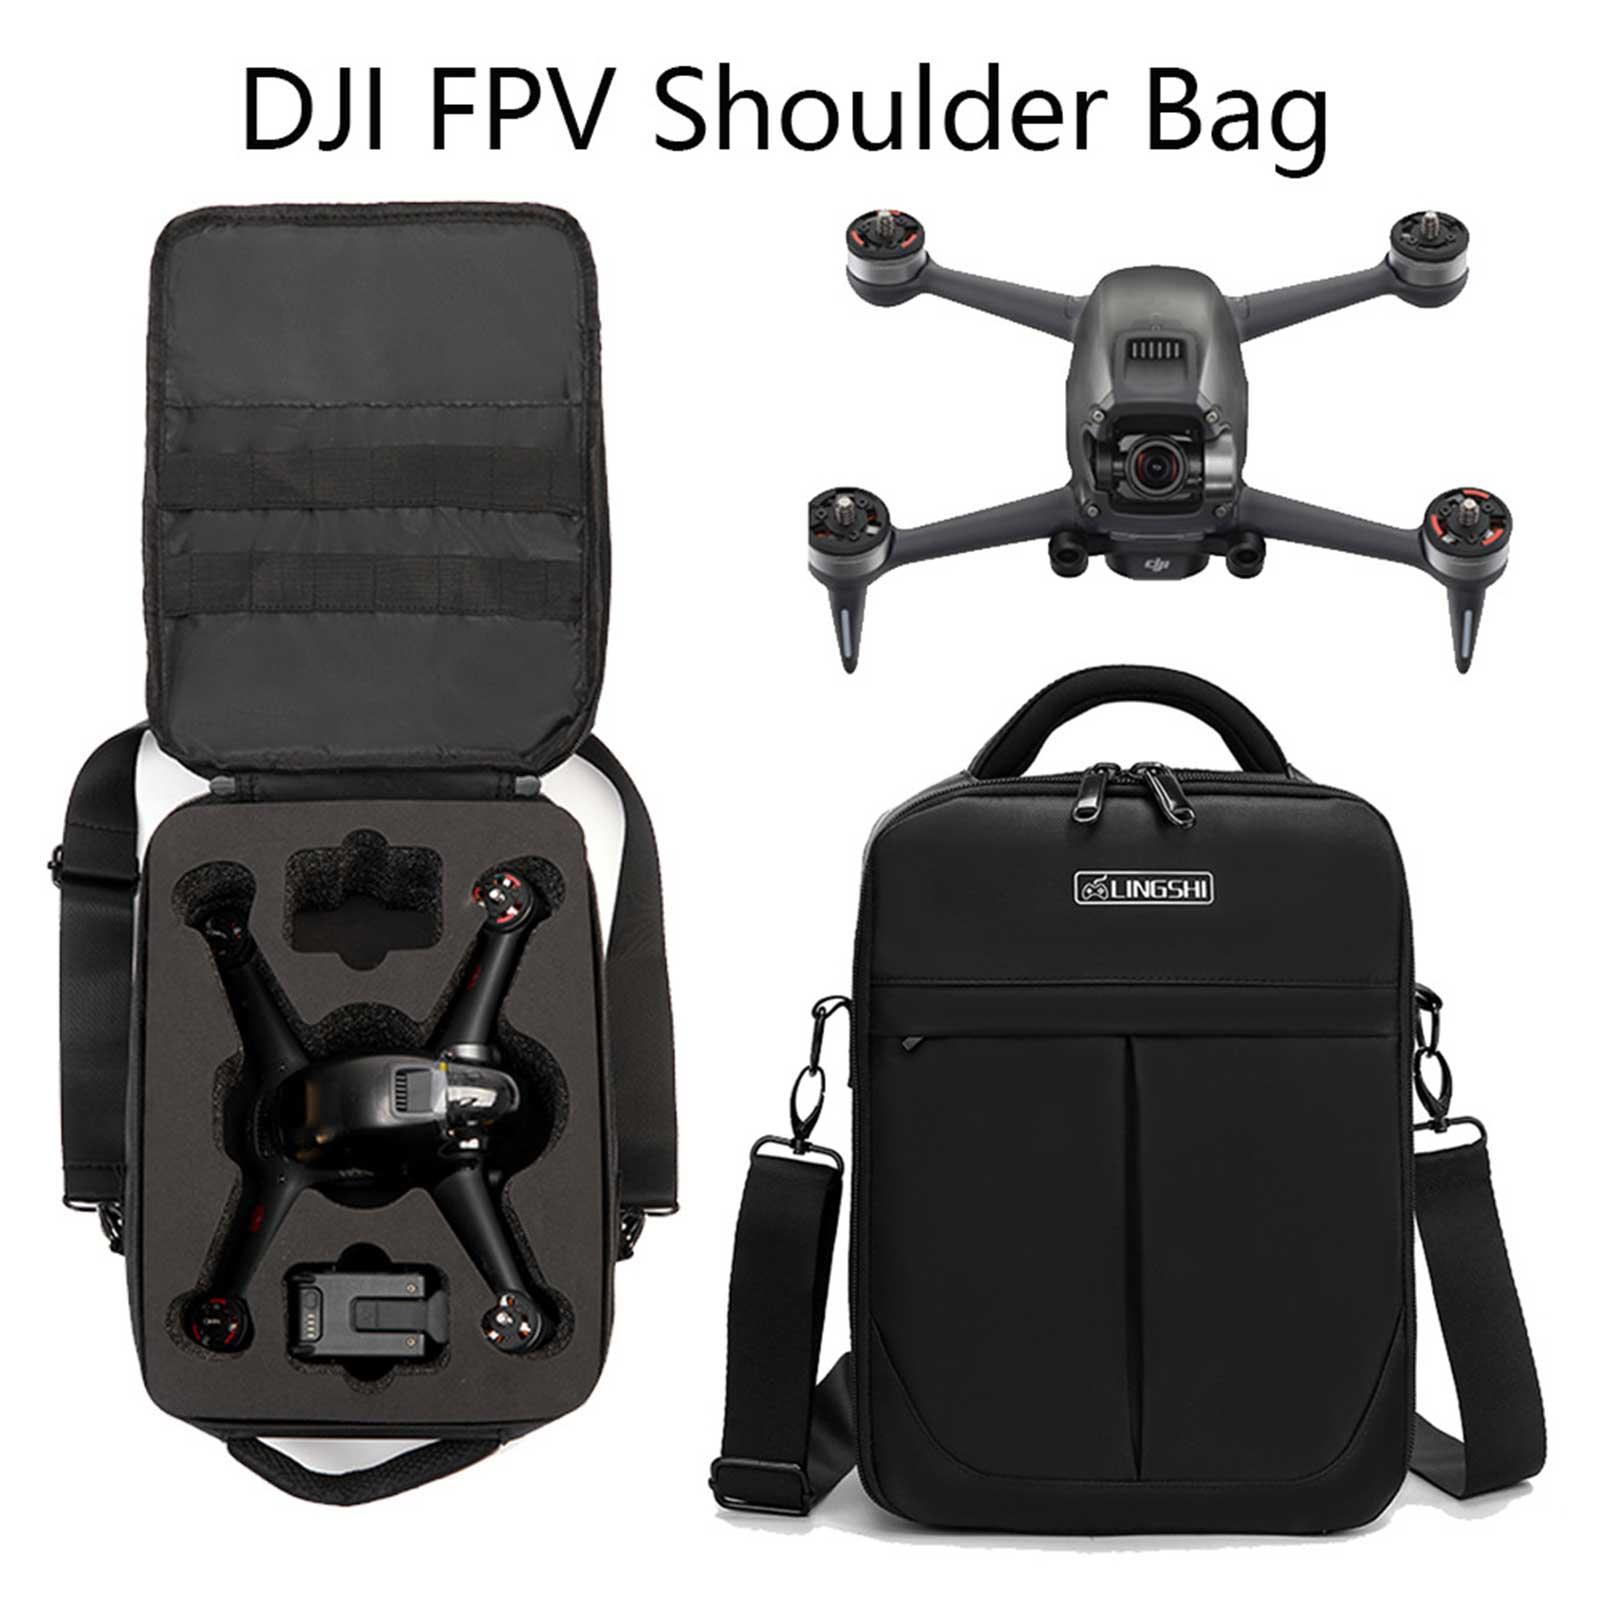 2021New Shoulder Bag Backpack for DJI FPV Drone Accessories Shockproof Shoulder Carry Case Storage Bags